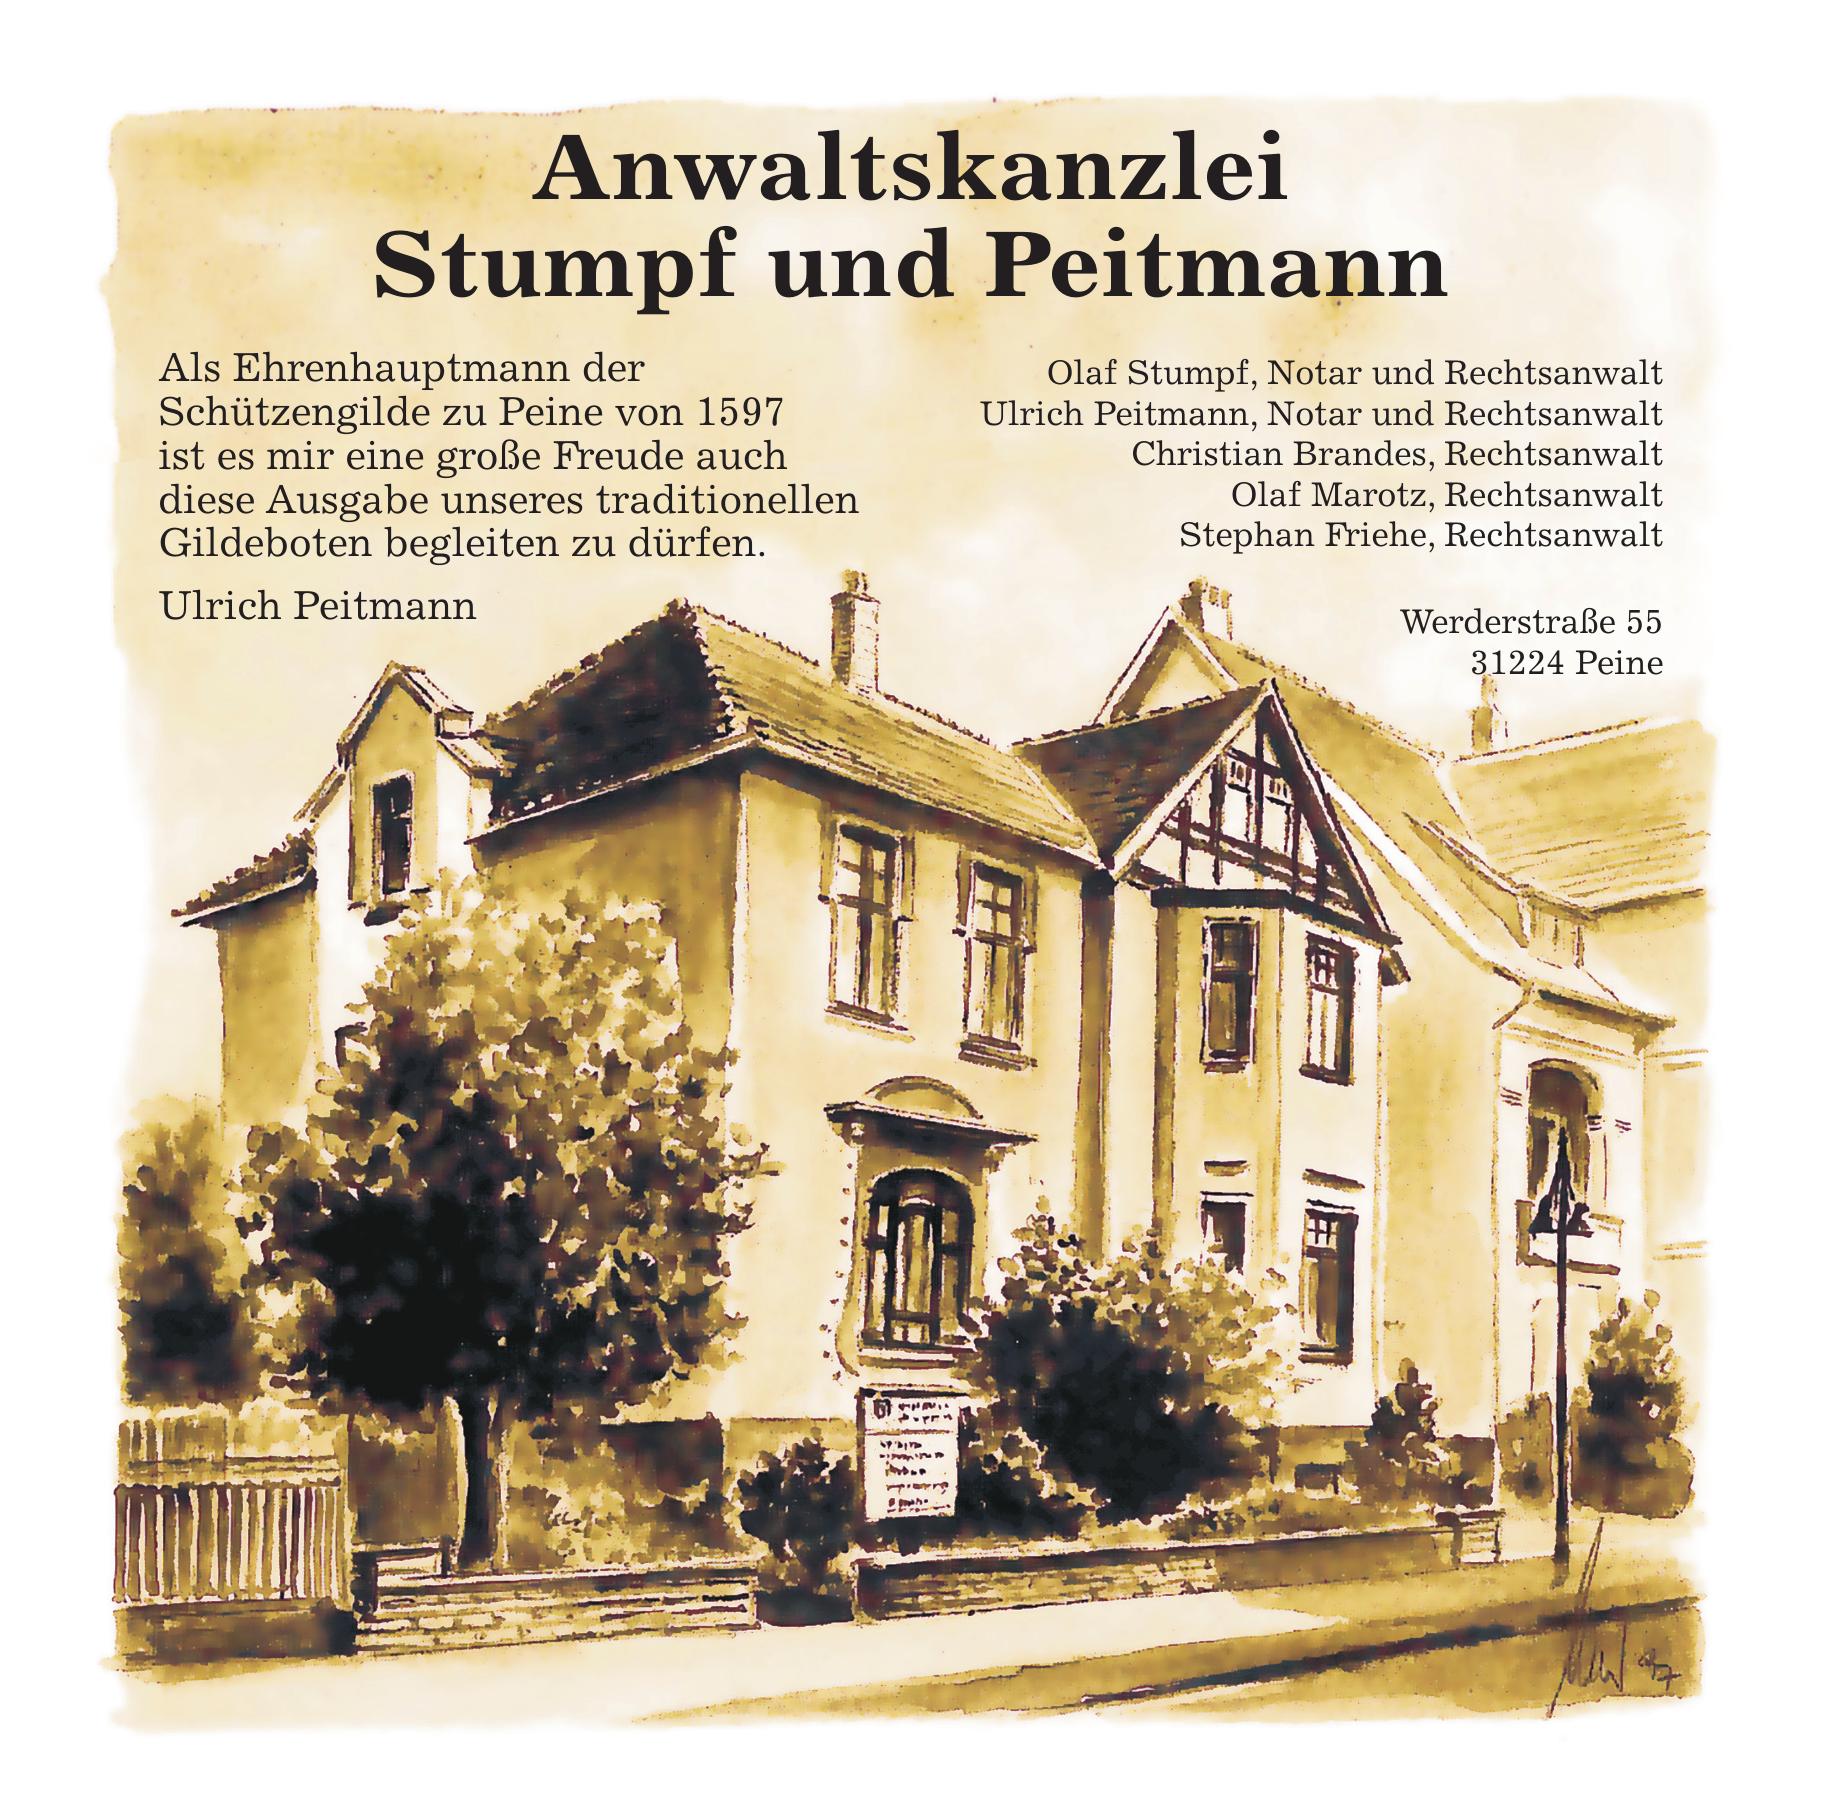 Anwaltskanzlei Stumpf und Peitmann